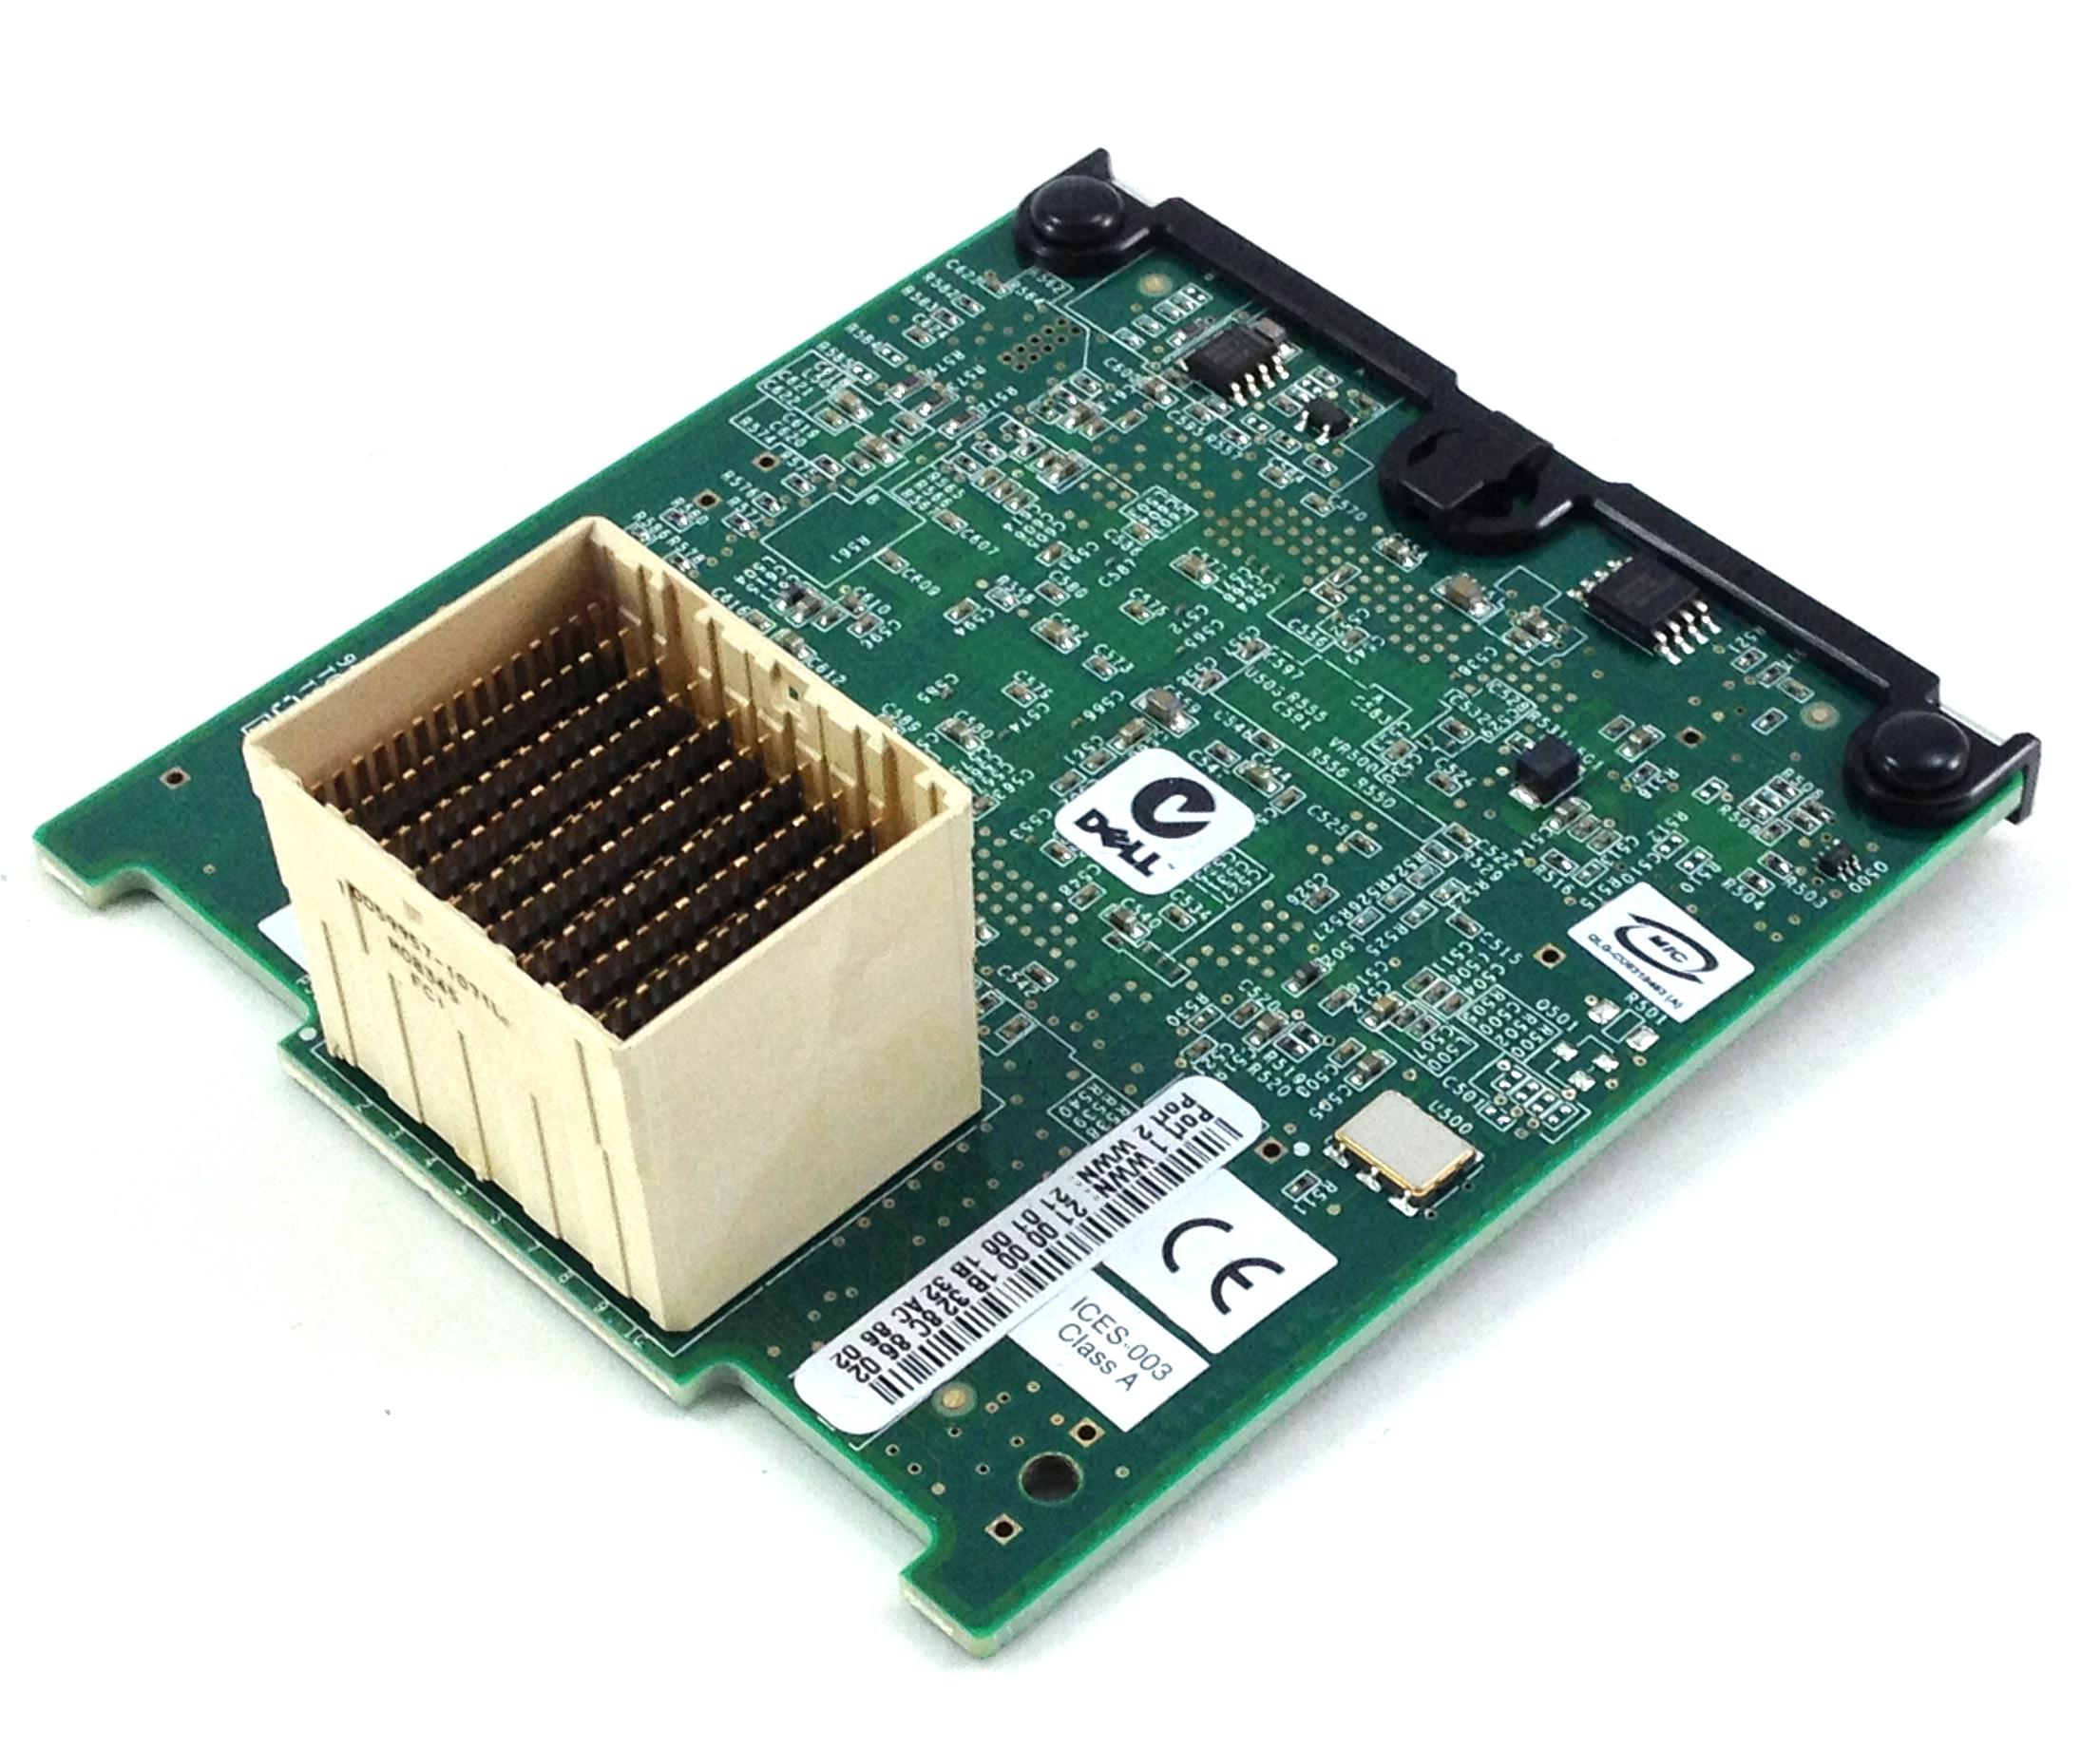 Dell Pe M600 4GB Fiber Channel Mezzanine Card (NP630)